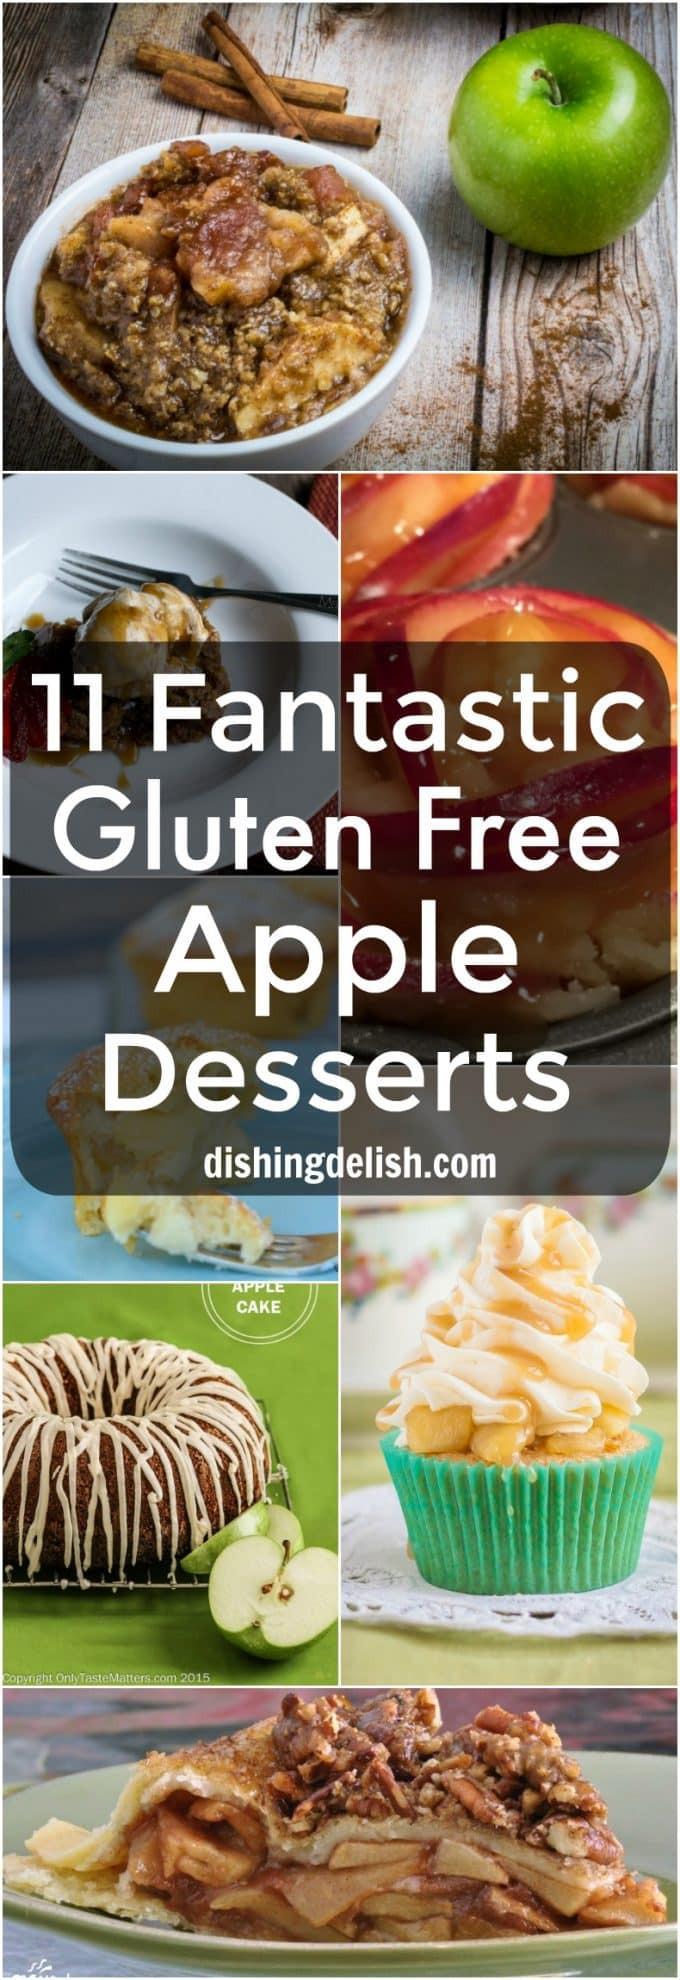 Gluten Free Apple Desserts  11 Fantastic Gluten Free Apple Desserts